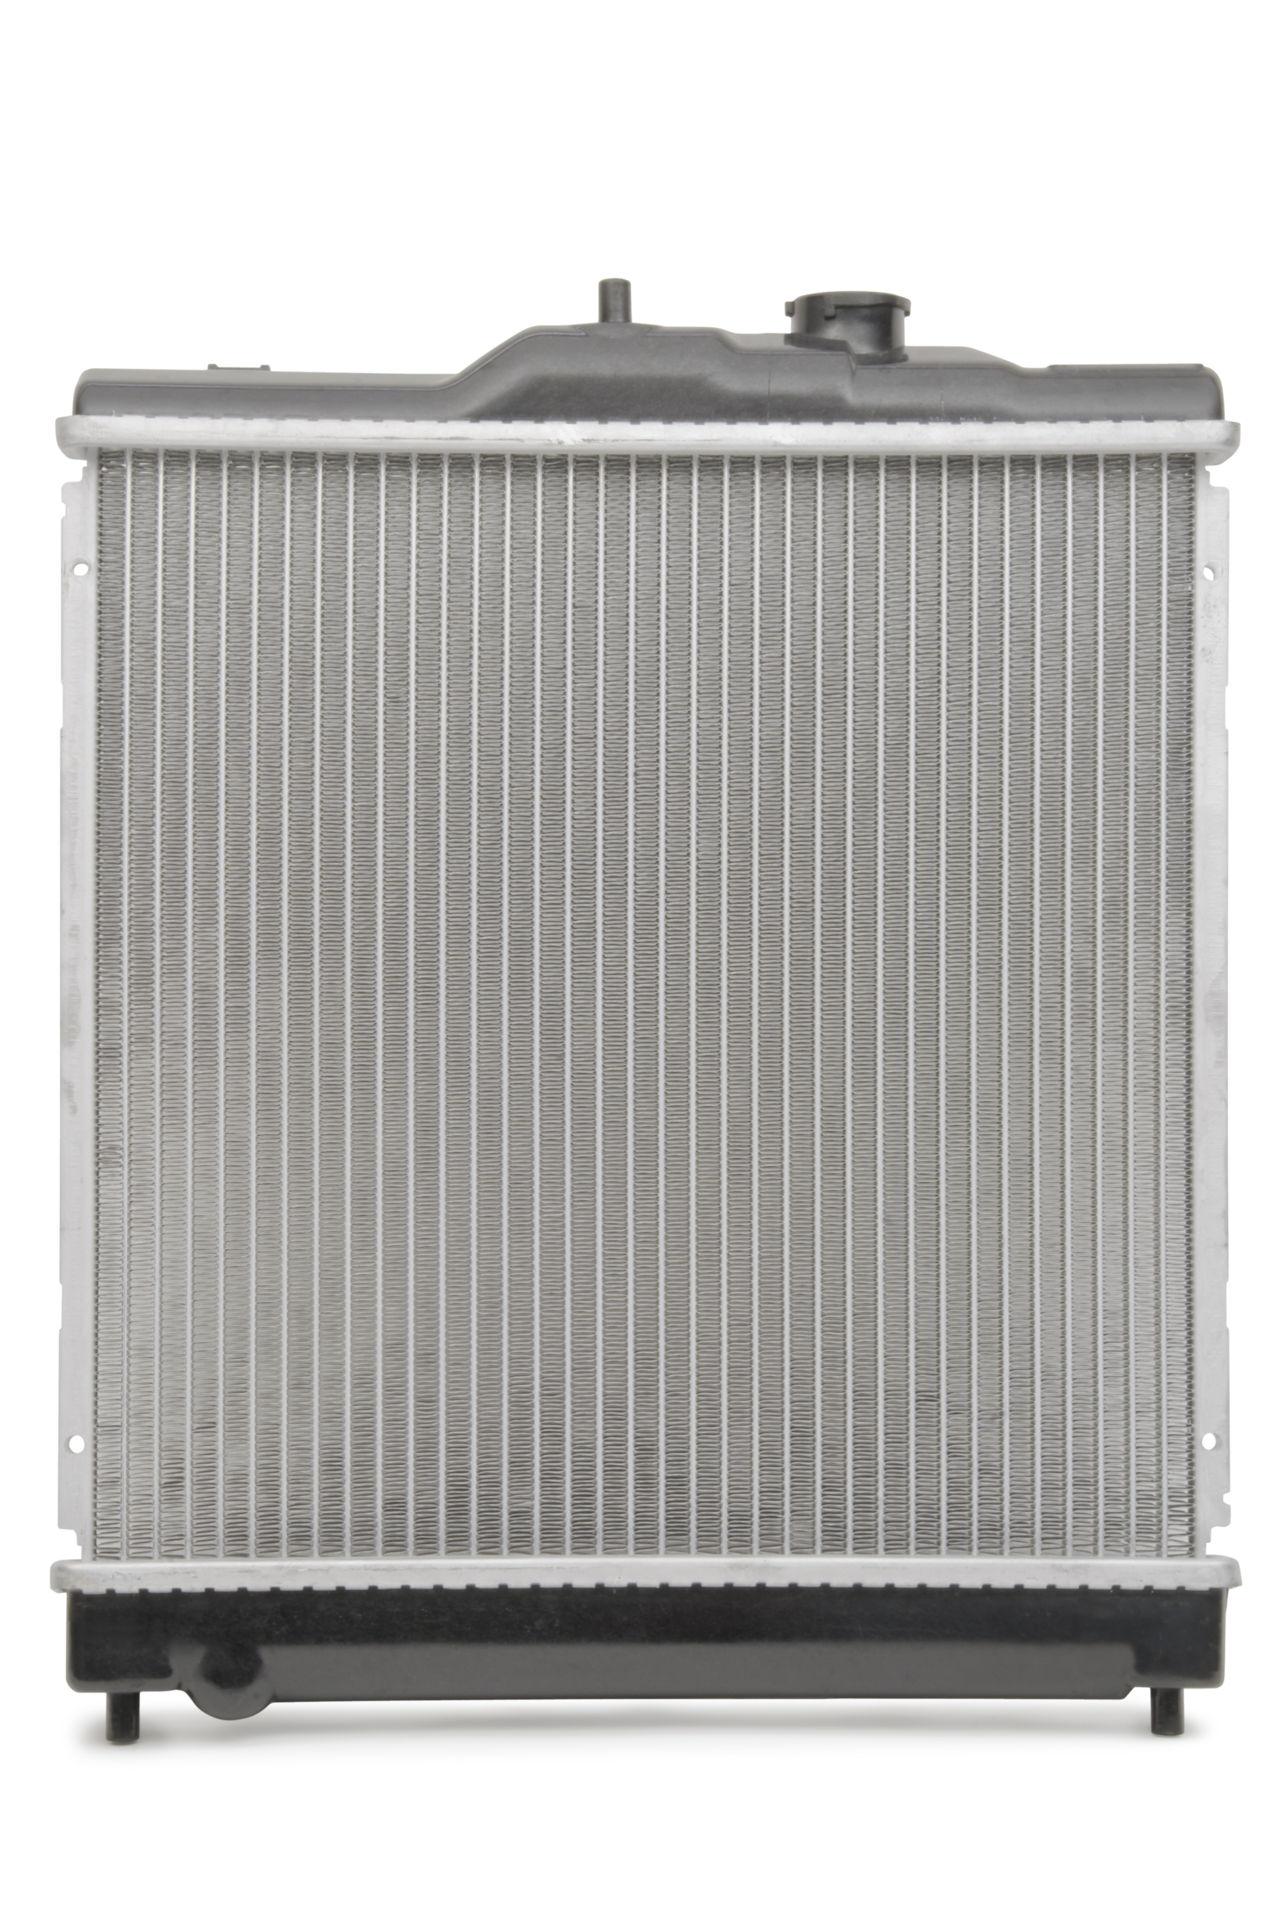 radiator crack repair cost